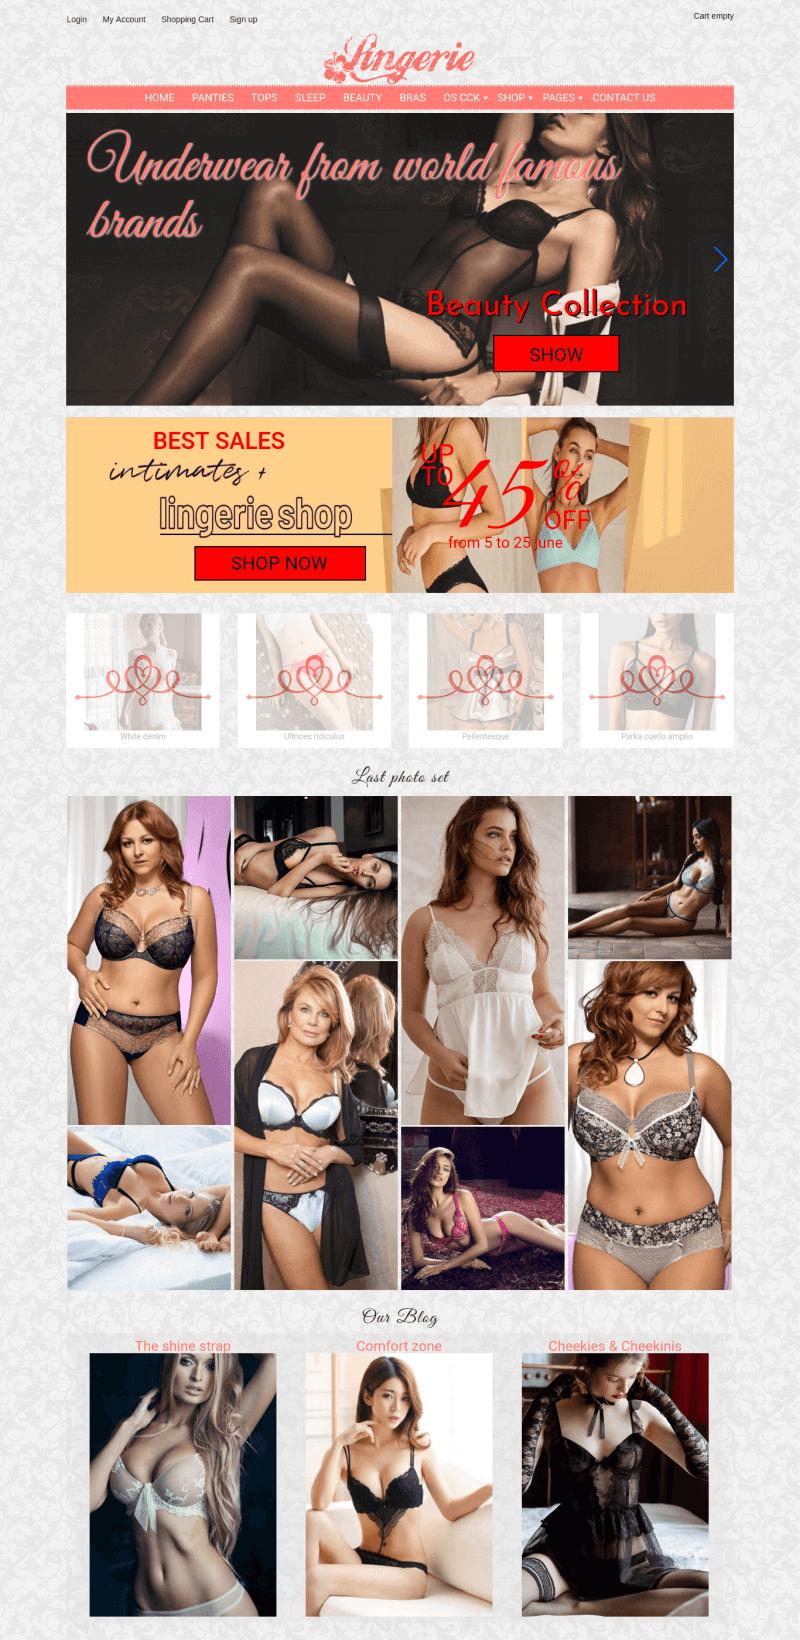 Lingerie store Virtuemart Joomla template for create lingerie store website